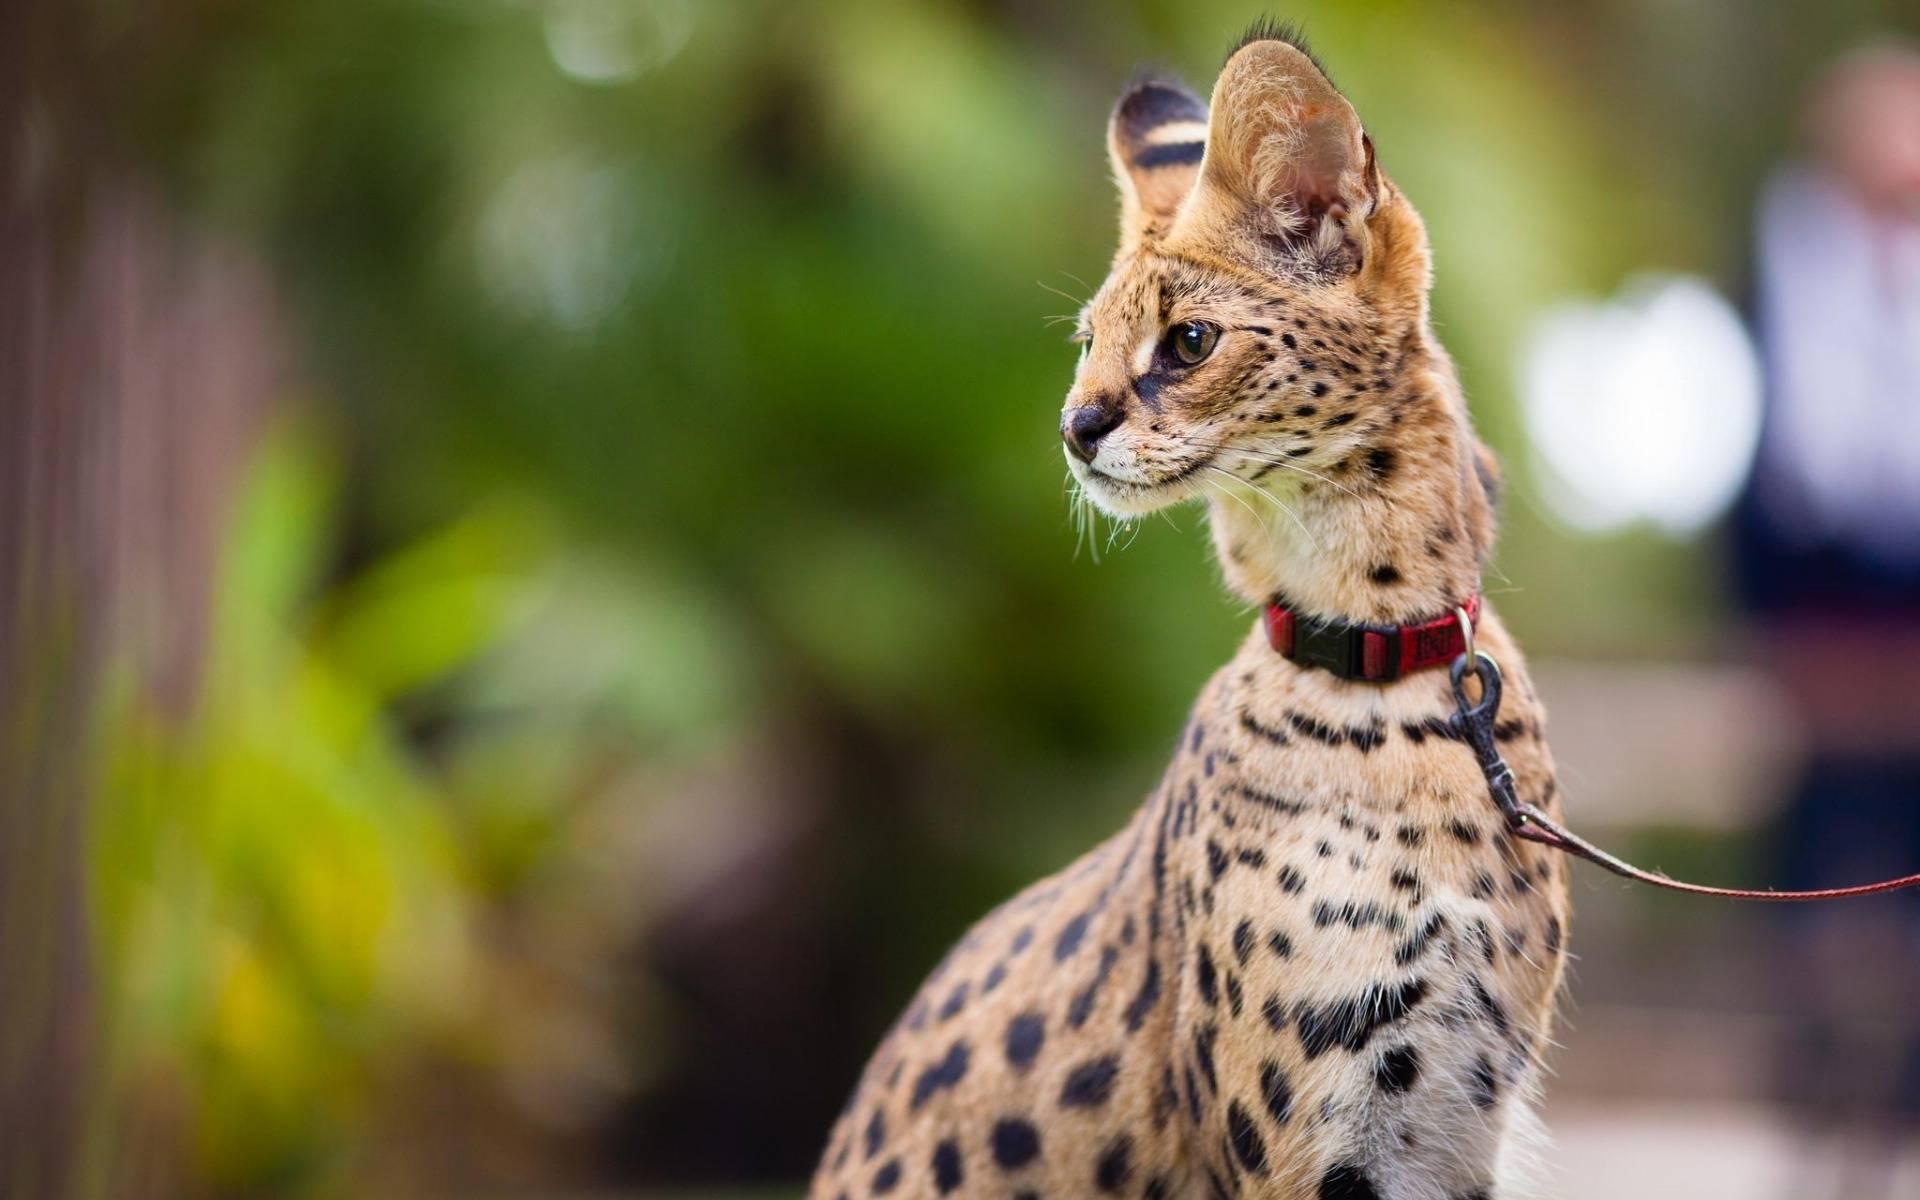 Африканская кошка сервал — знак престижа